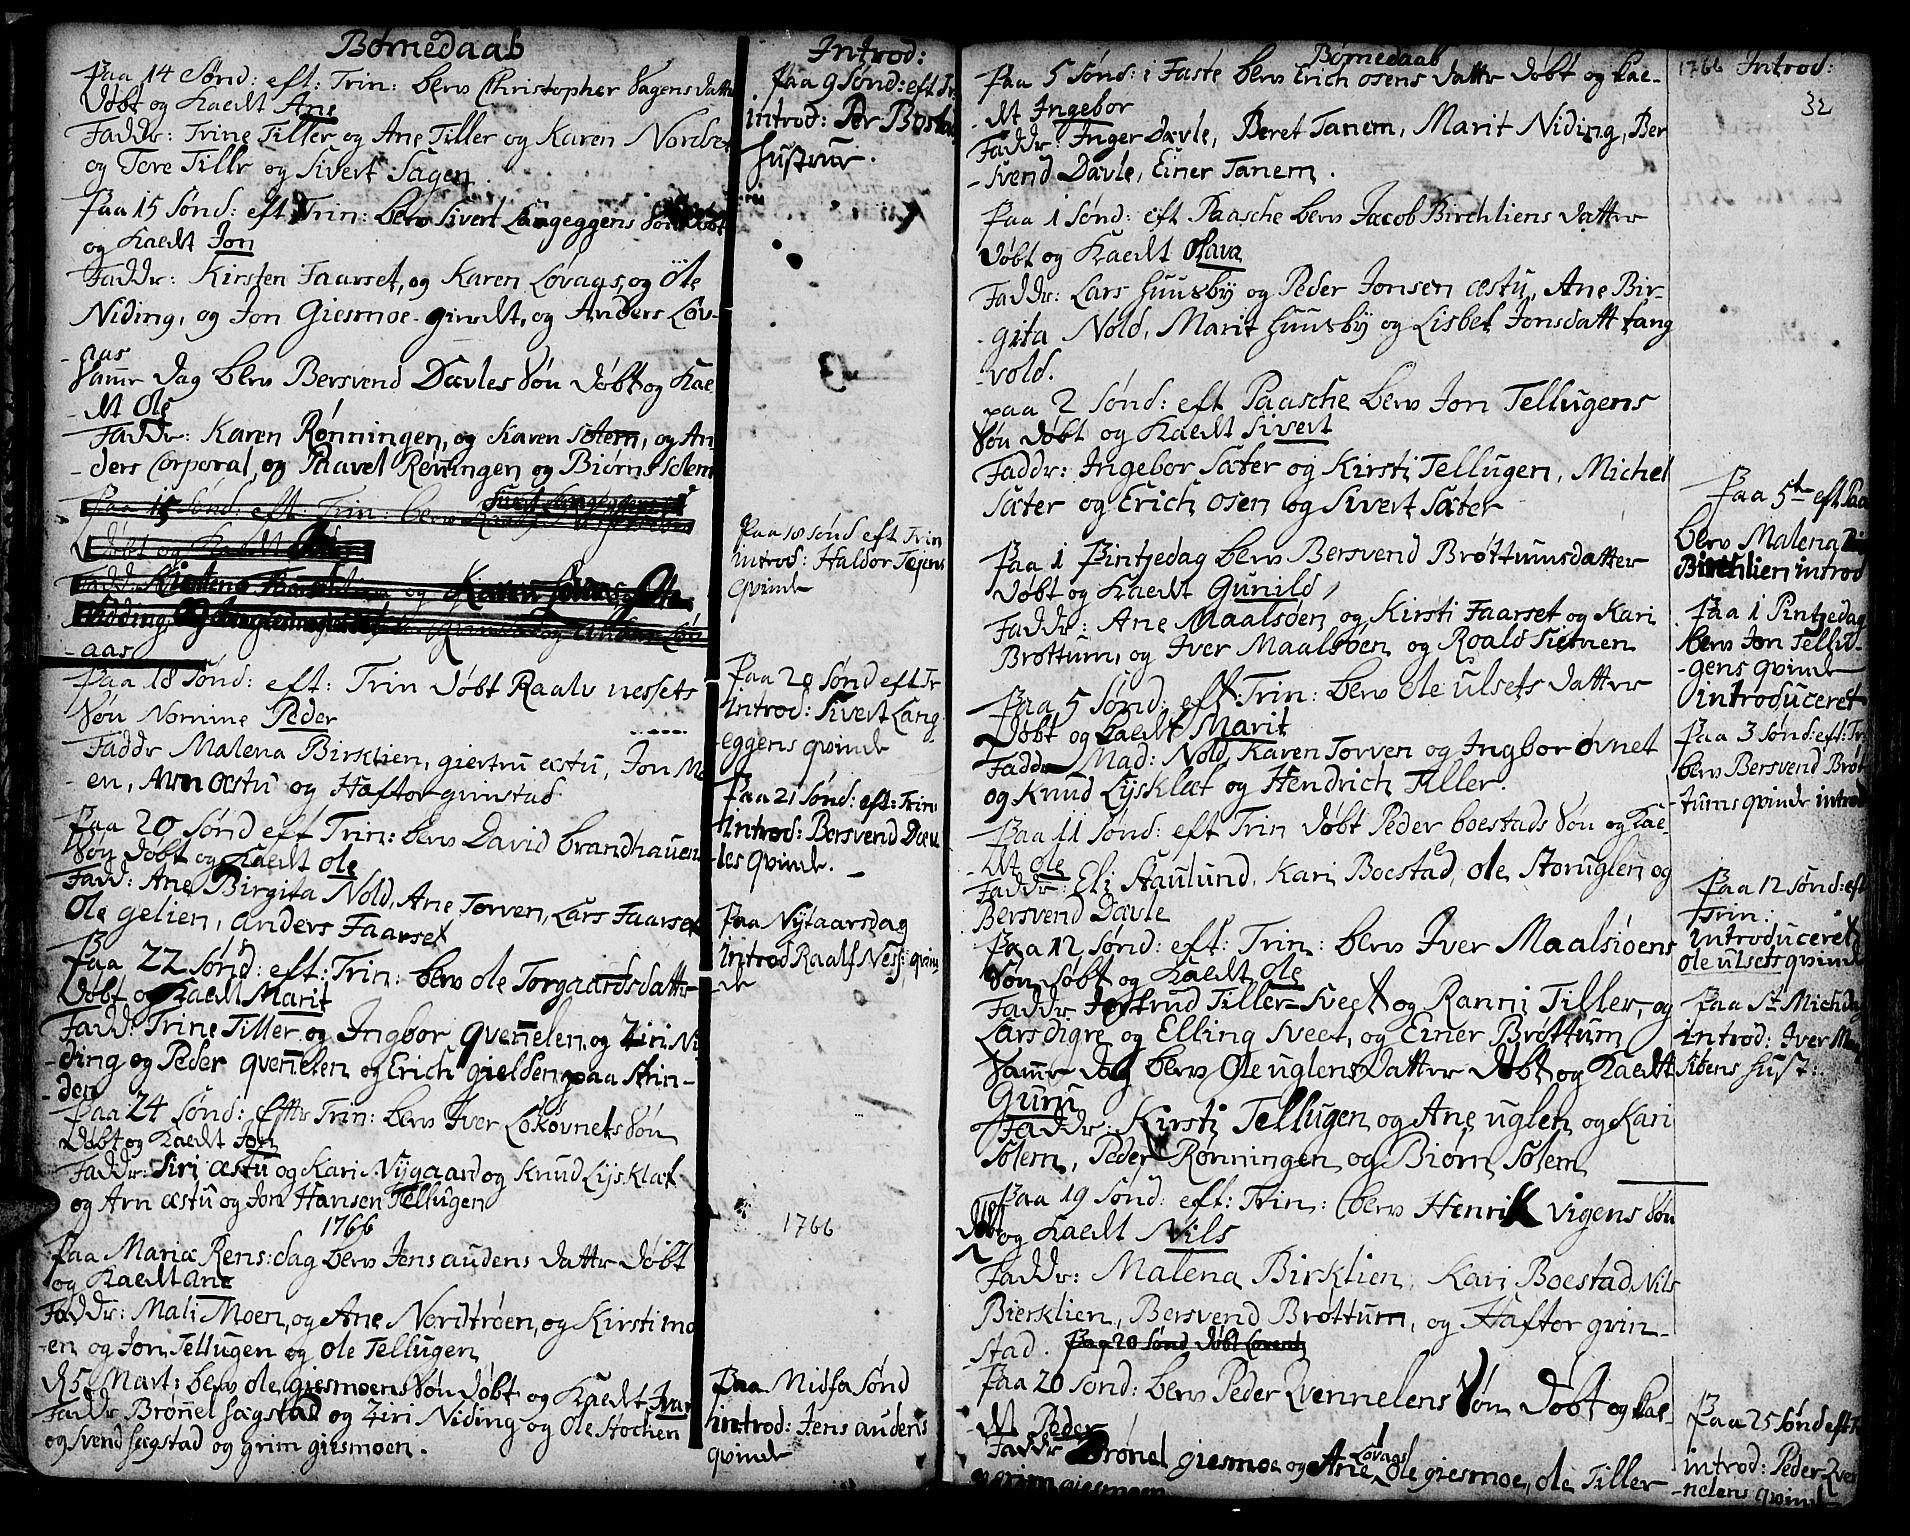 SAT, Ministerialprotokoller, klokkerbøker og fødselsregistre - Sør-Trøndelag, 618/L0437: Ministerialbok nr. 618A02, 1749-1782, s. 32